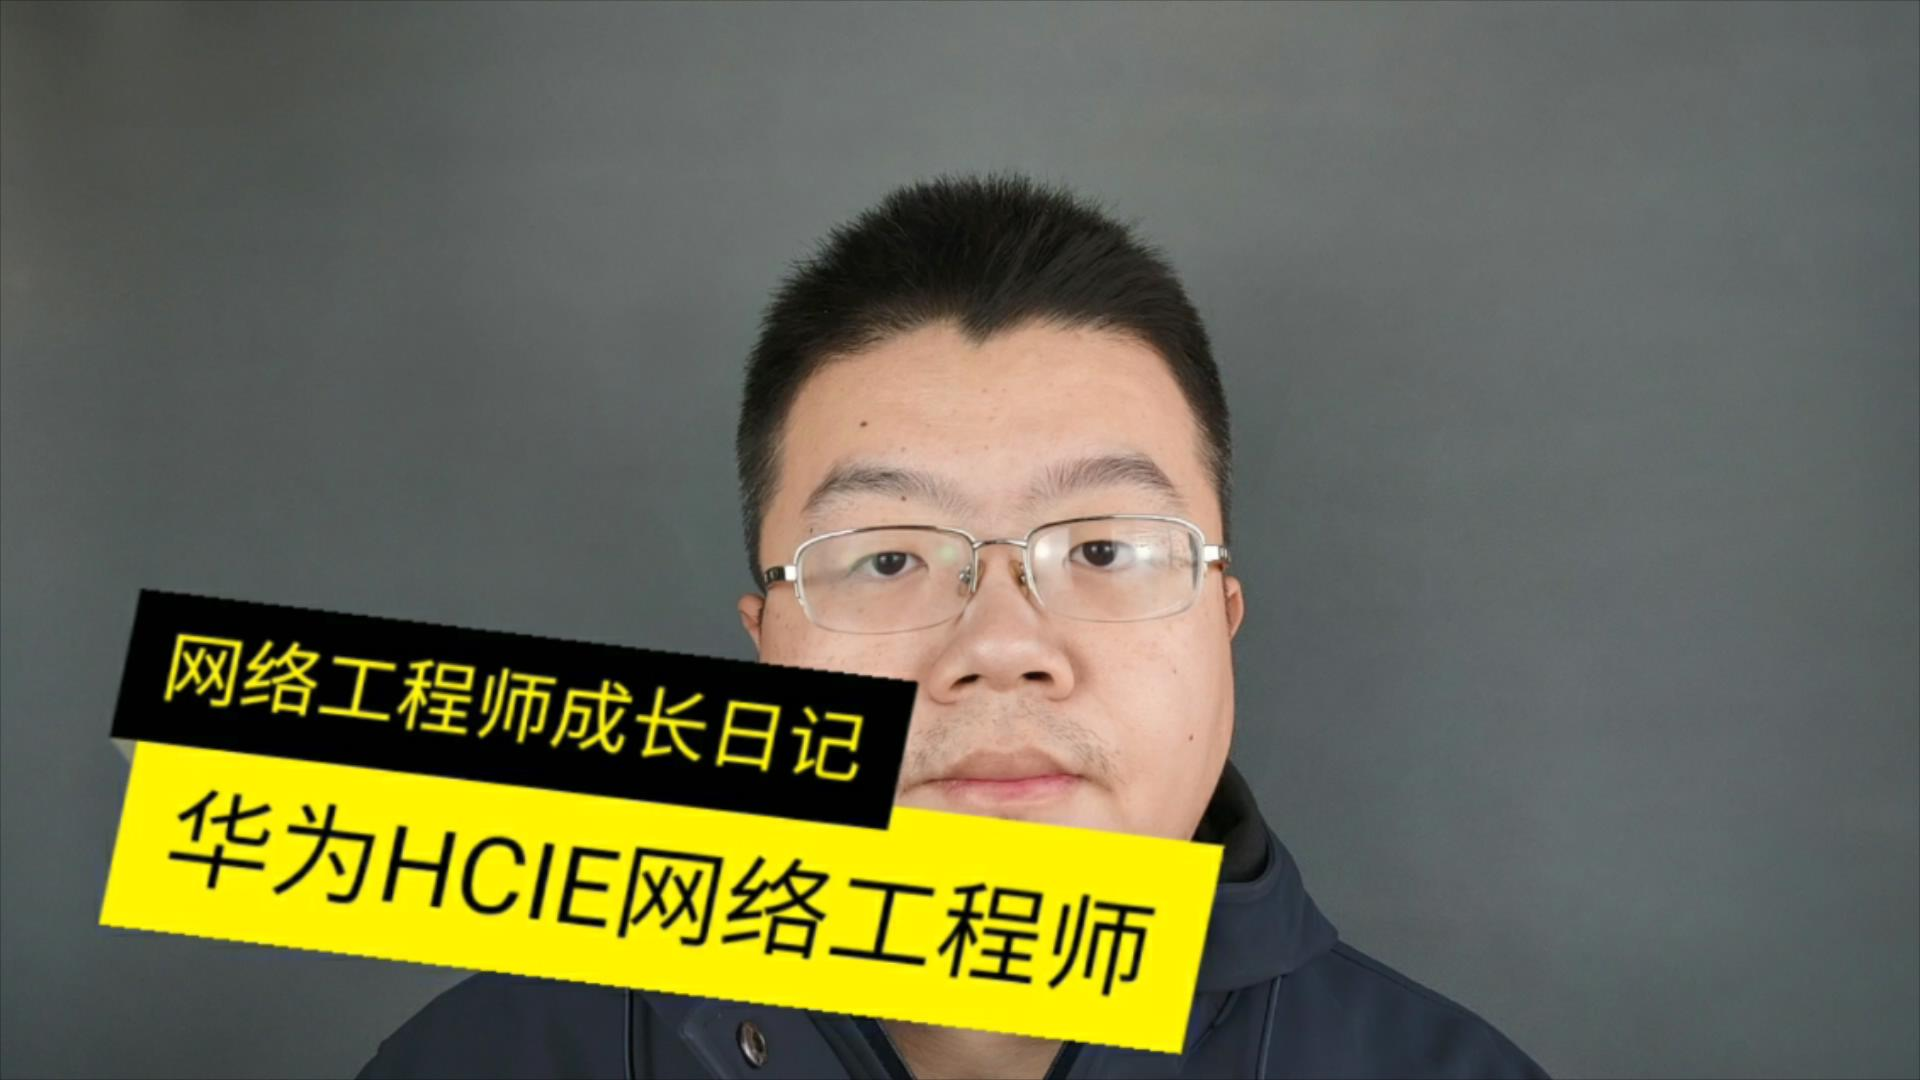 什么是HCIE华为网络工程师